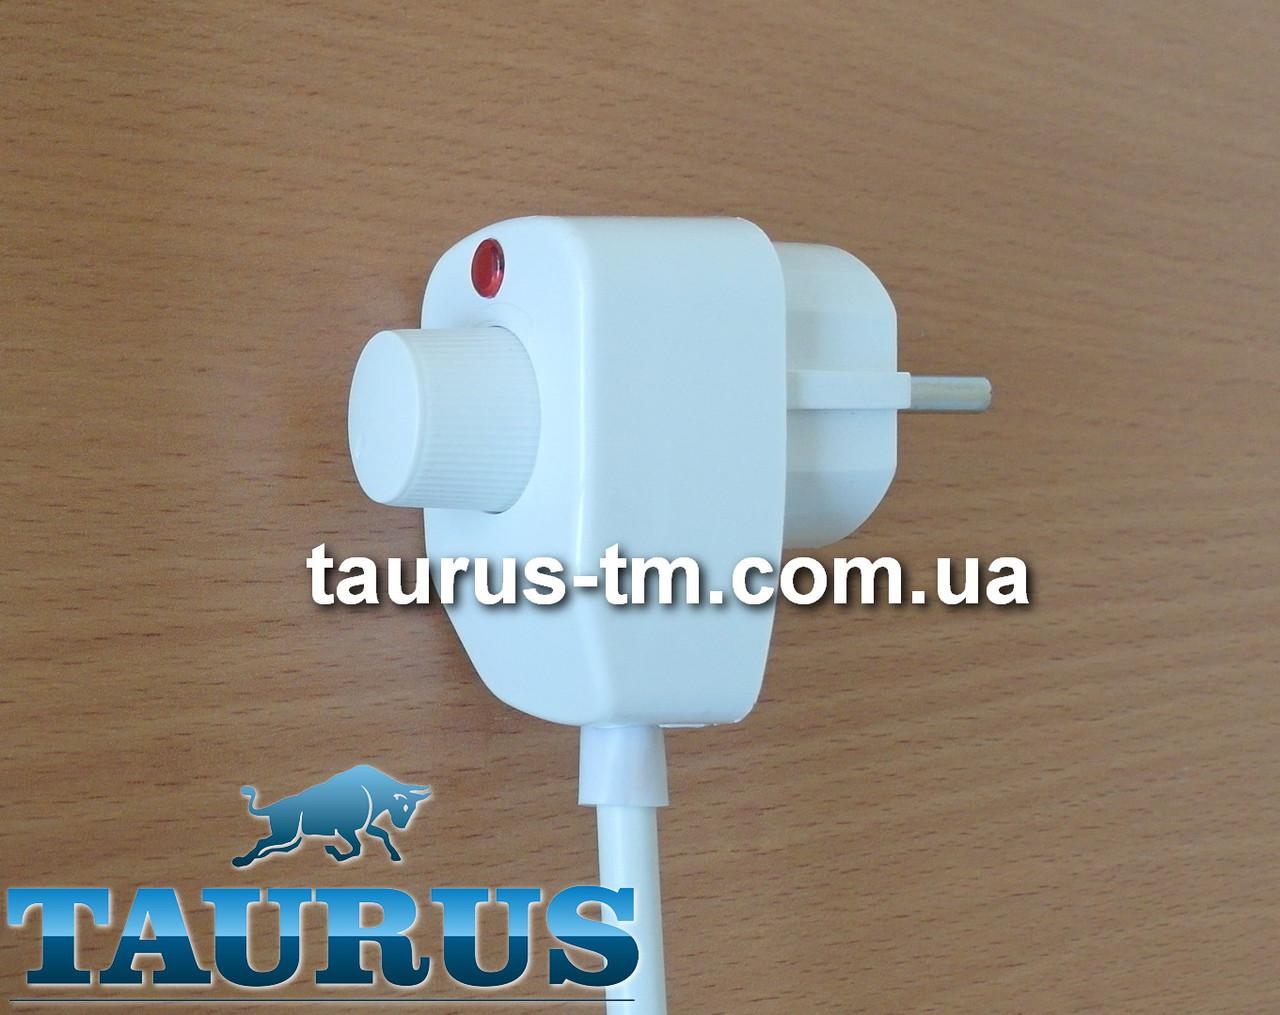 Белый регулятор на вилке для электроприборов без регулировки от 10 до 500Вт., с индикатором. Диммер Украина.